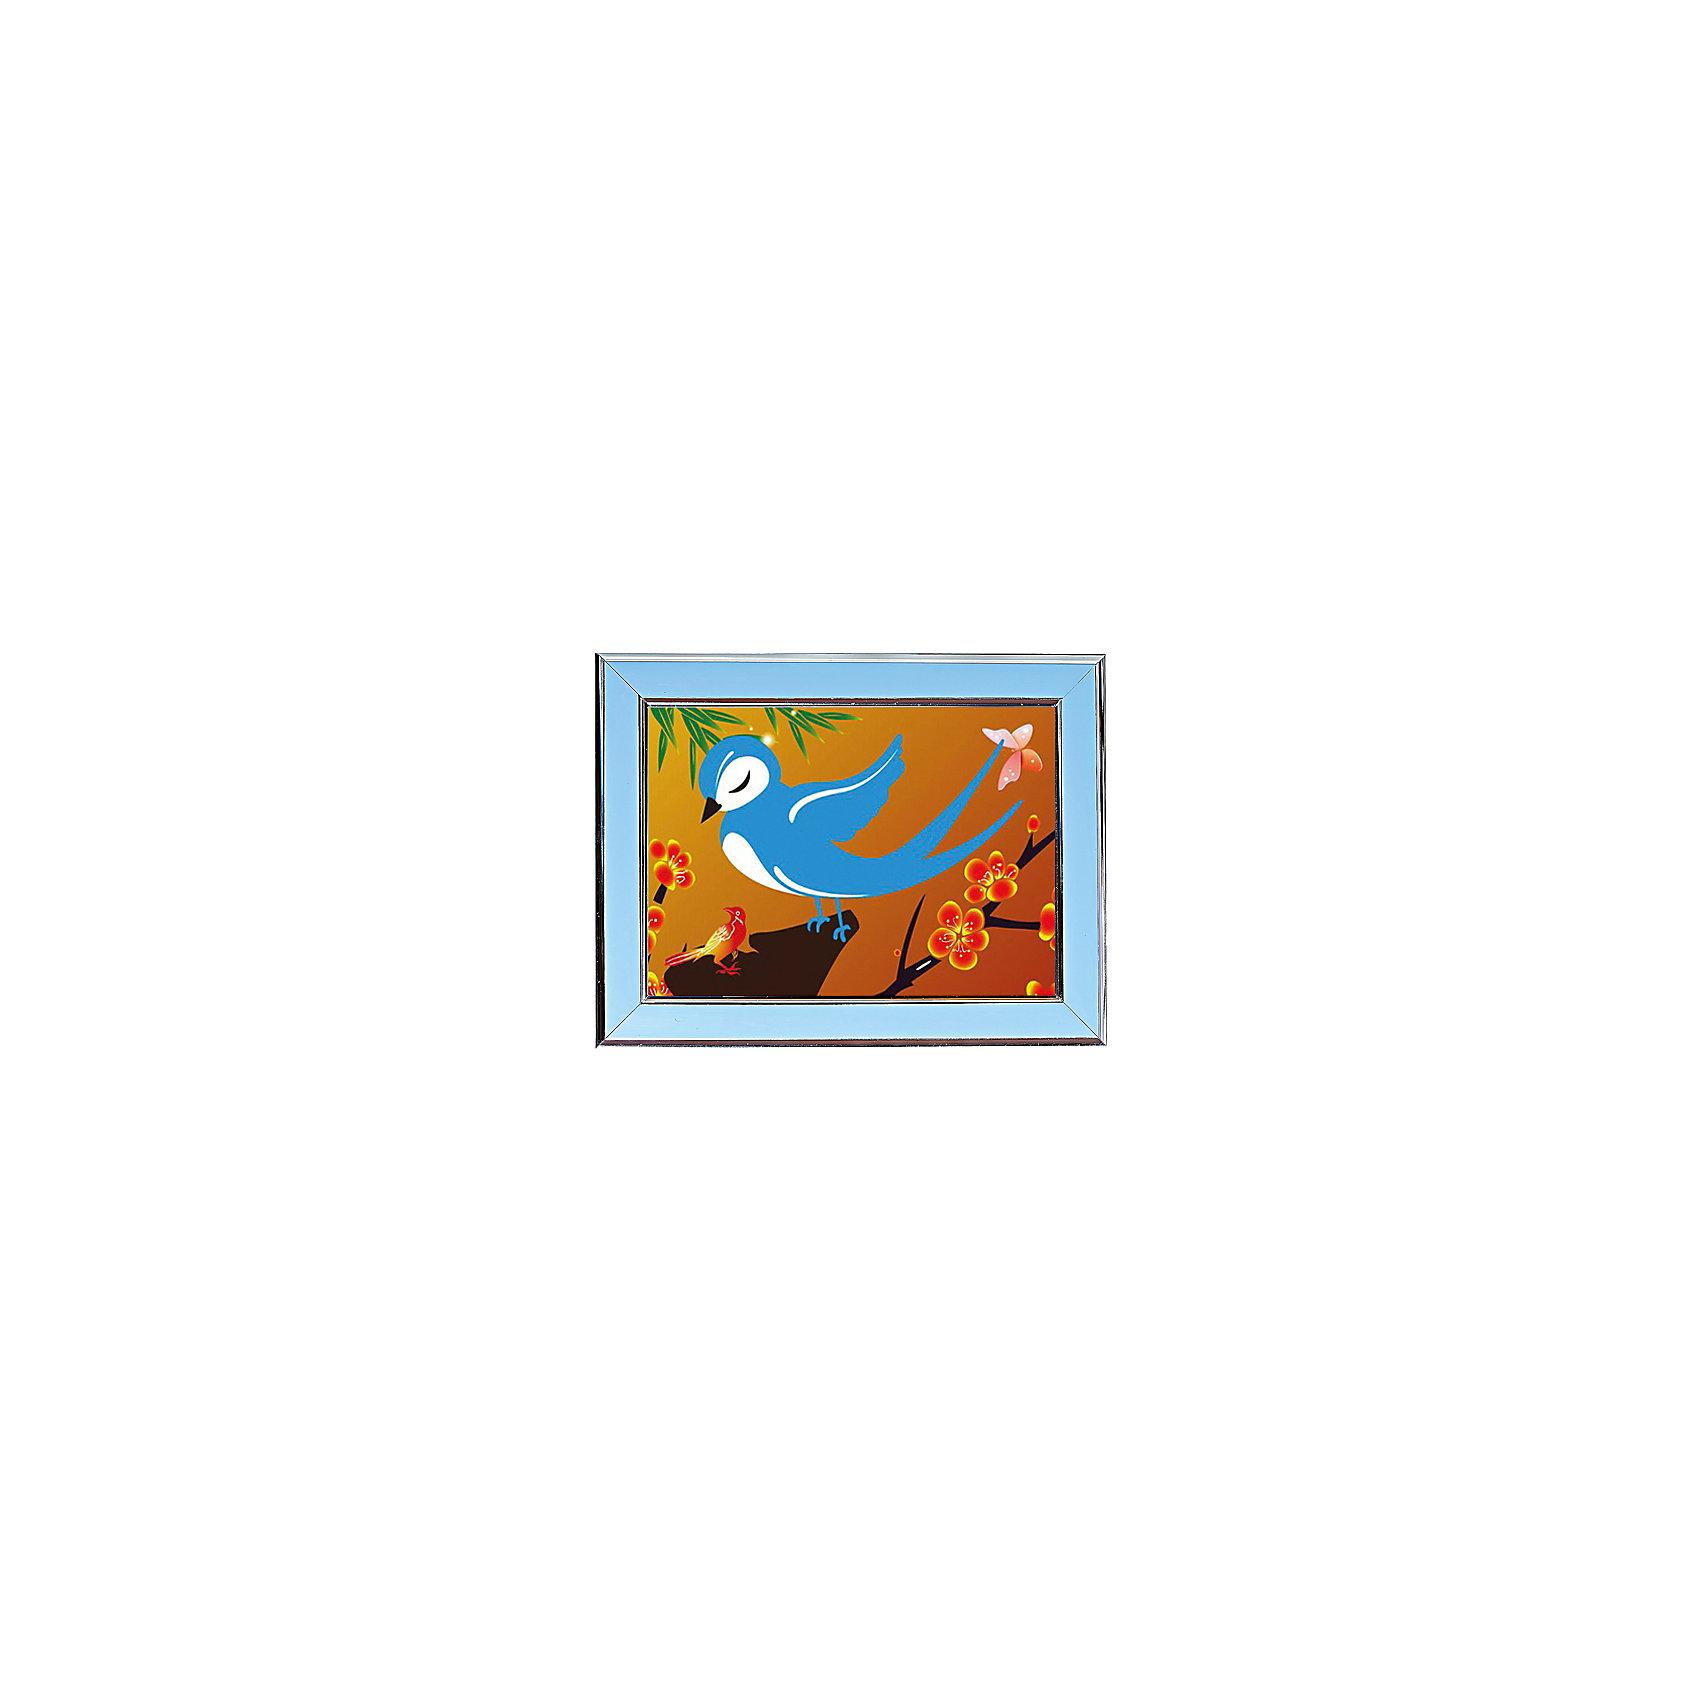 Мозаичная картина ЛасточкаМозаика<br>Мозаичная картина Ласточка.<br><br>Характеристика: <br><br>• Материал: картон, пластик, клей. <br>• Размер картинки: 17х21 см. <br>• Размер мозаичного элемента: 2,5 мм. <br>• Комплектация: контейнер для элементов мозаики, мозаичные элементы, специальный клеевой карандаш, трафарет со схемой рисунка, декоративная пластиковая рамка с оргстеклом. <br>• Яркие, насыщенные цвета. <br>• Отлично развивает моторику рук, внимание, мышление и воображение. <br><br>Создание картины из мозаики - увлекательное и полезное занятие, в процессе которого ребенок сможет развить моторику рук, внимание, усидчивость, цветовосприятие и воображение. В этом наборе уже есть все для создания маленького шедевра! Нужно лишь приклеить мозаичные элементы на основу с нанесенным контуром - и яркая картинка готова.<br><br>Мозаичную картину Ласточка можно купить в нашем магазине.<br><br>Ширина мм: 200<br>Глубина мм: 225<br>Высота мм: 30<br>Вес г: 250<br>Возраст от месяцев: 84<br>Возраст до месяцев: 144<br>Пол: Унисекс<br>Возраст: Детский<br>SKU: 5417613